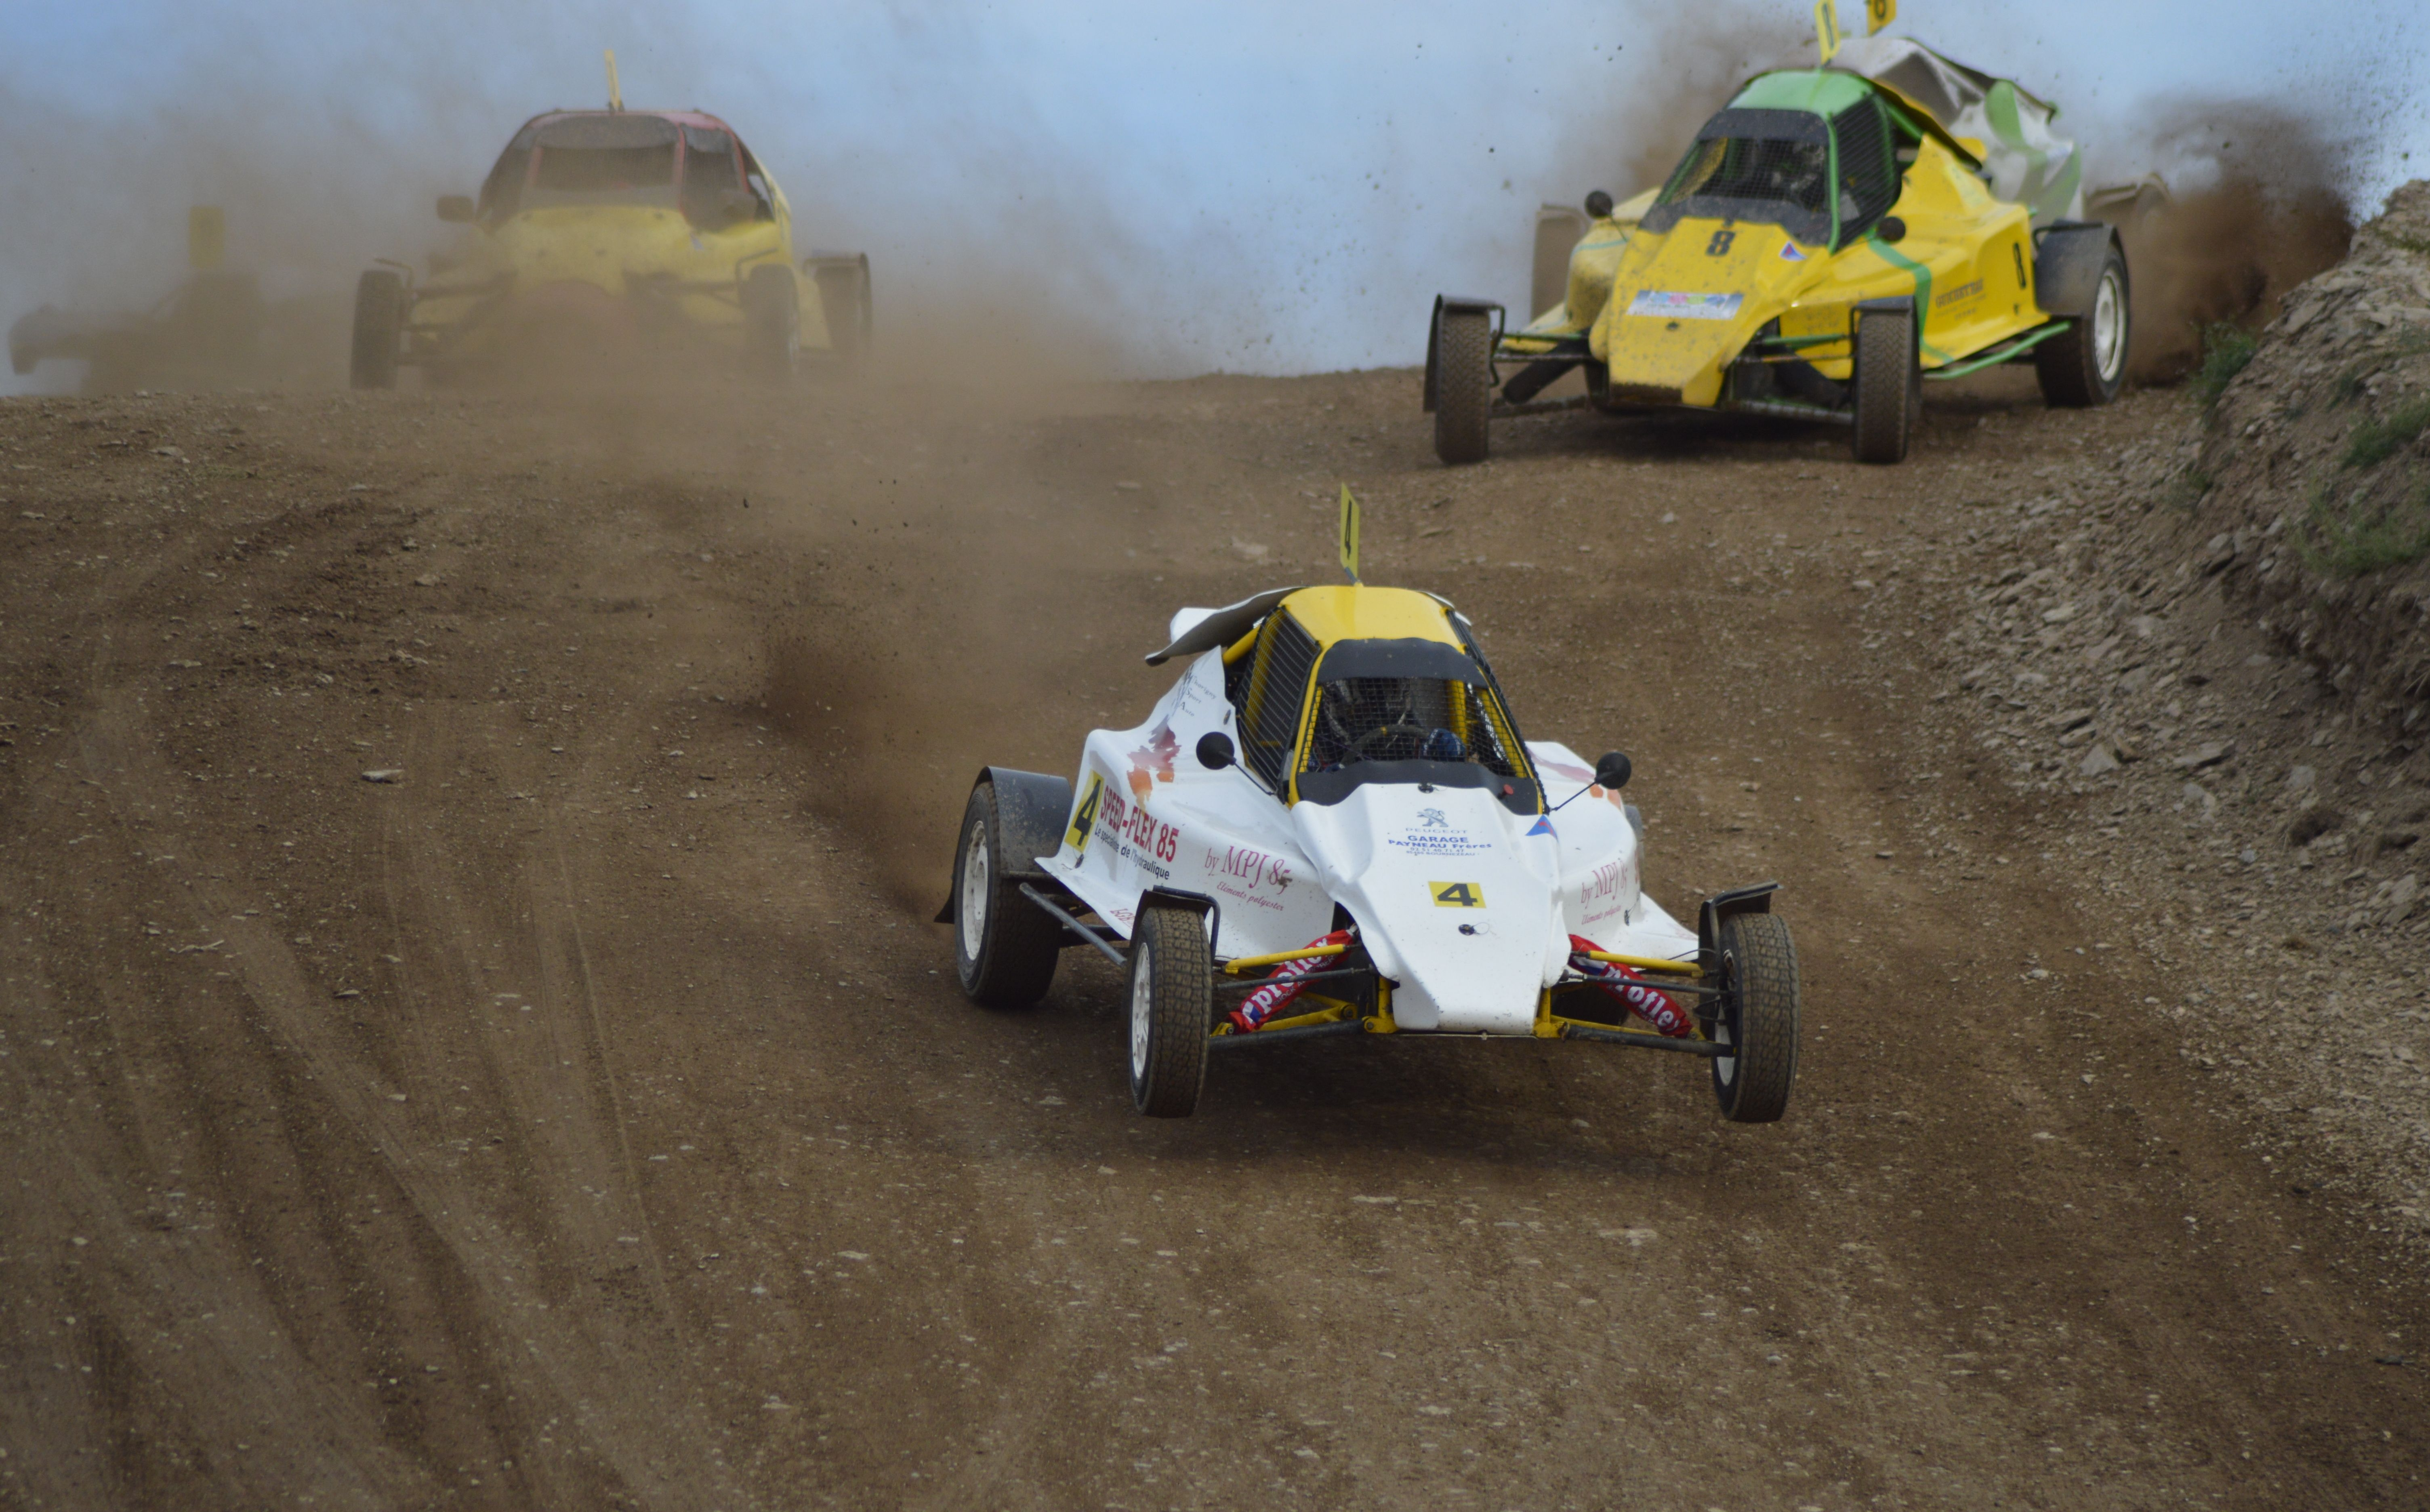 Le pilote Thorignais Tanguy GREGOIRE souhaitera réitérer sa victoire de l'an dernier et conserver la tête du championnat dans la catégorie monoplace.